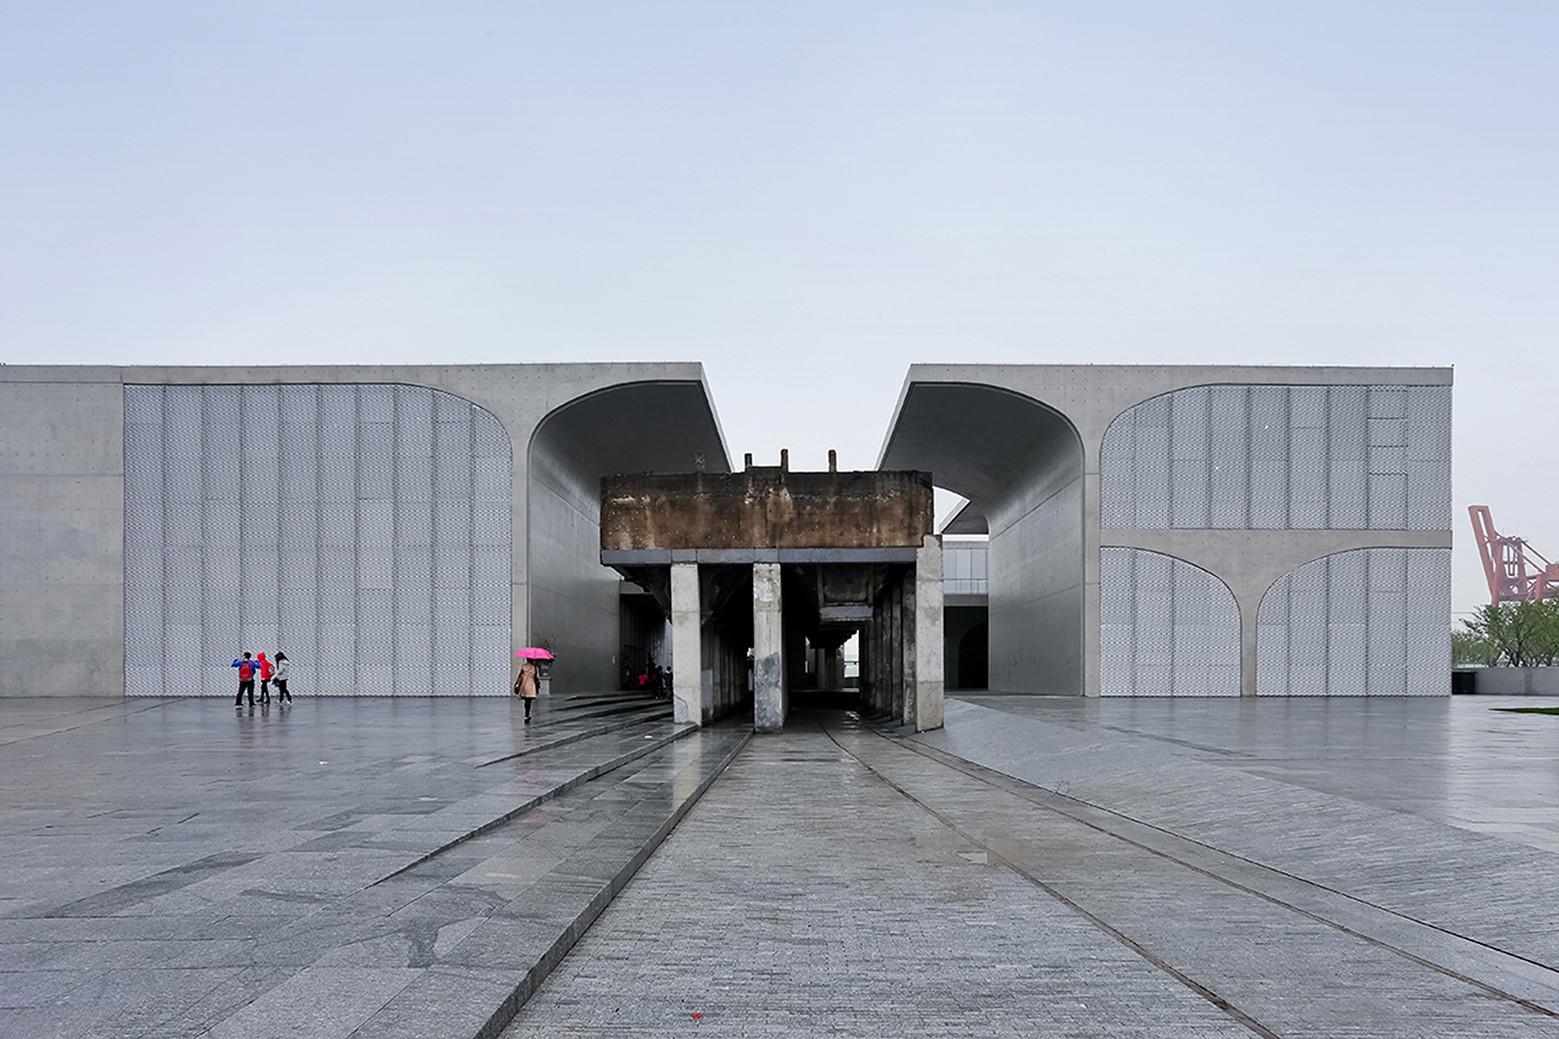 Long Museum en Shanghai, China / Atelier Deshaus. Imágen © Su Shengliang